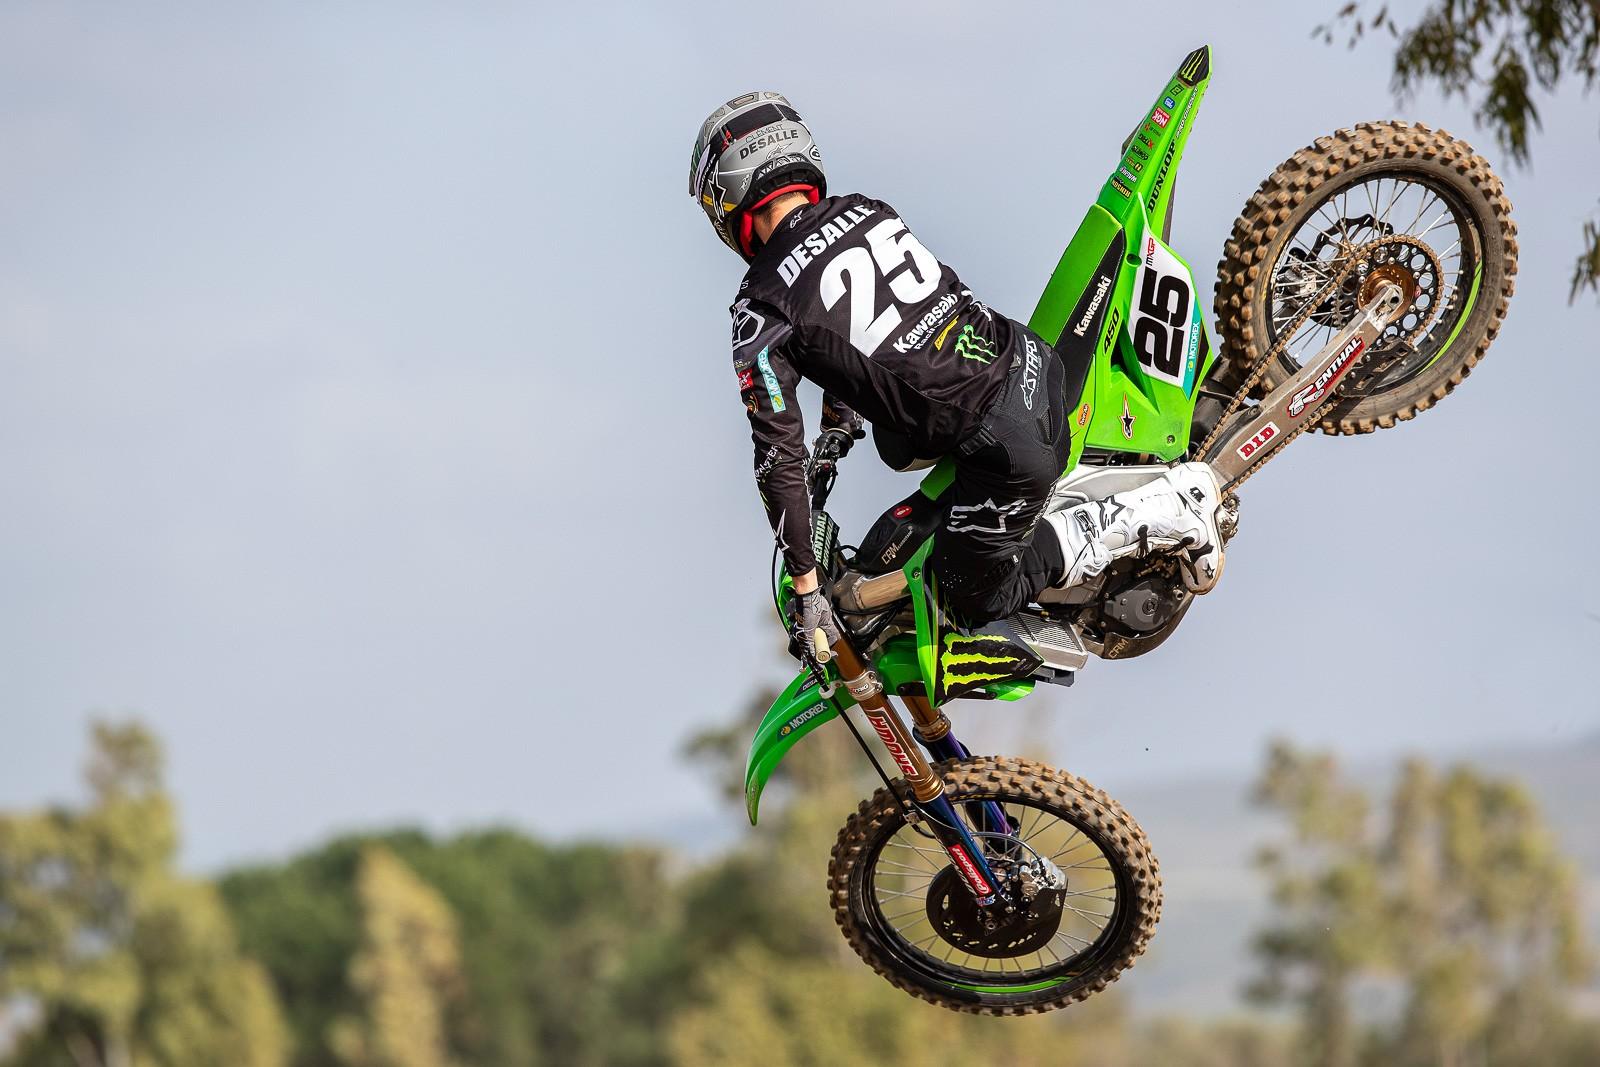 Clement Desalle - 2020 Monster Energy KRT Team Preview - Motocross Pictures - Vital MX